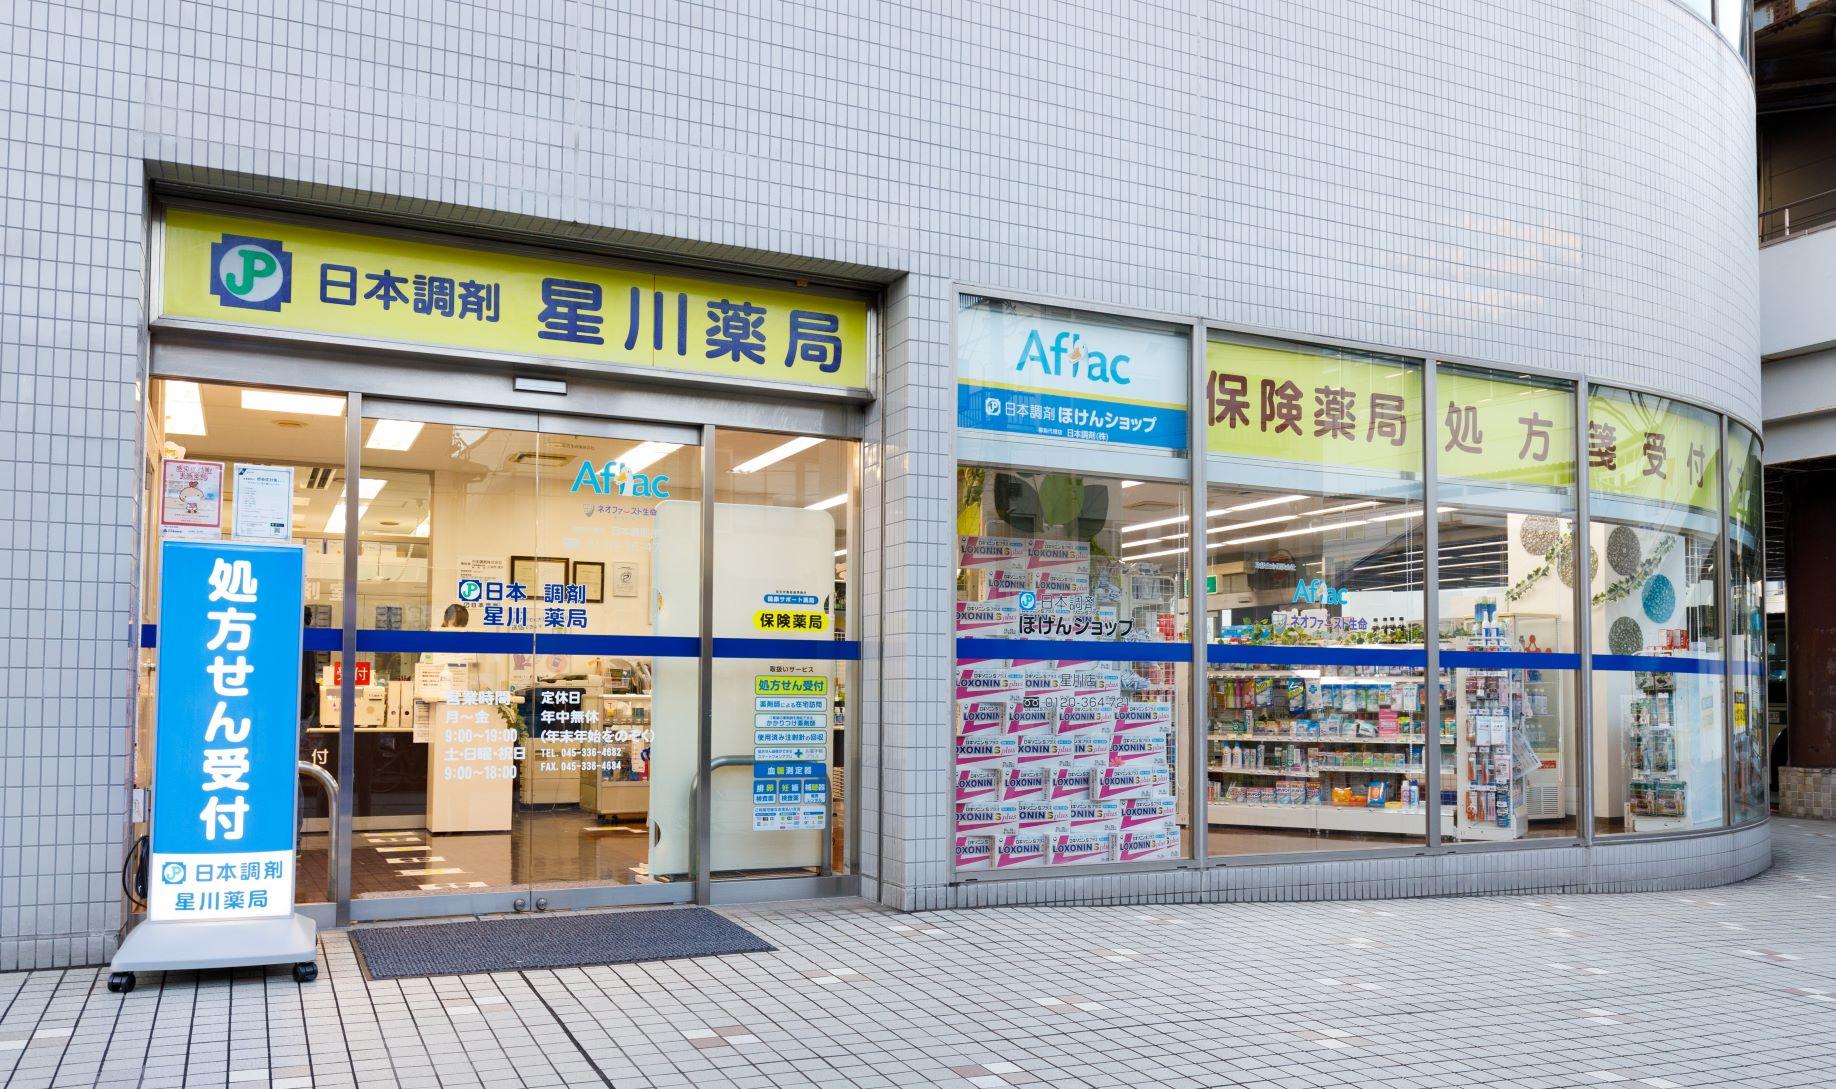 日本調剤 星川薬局